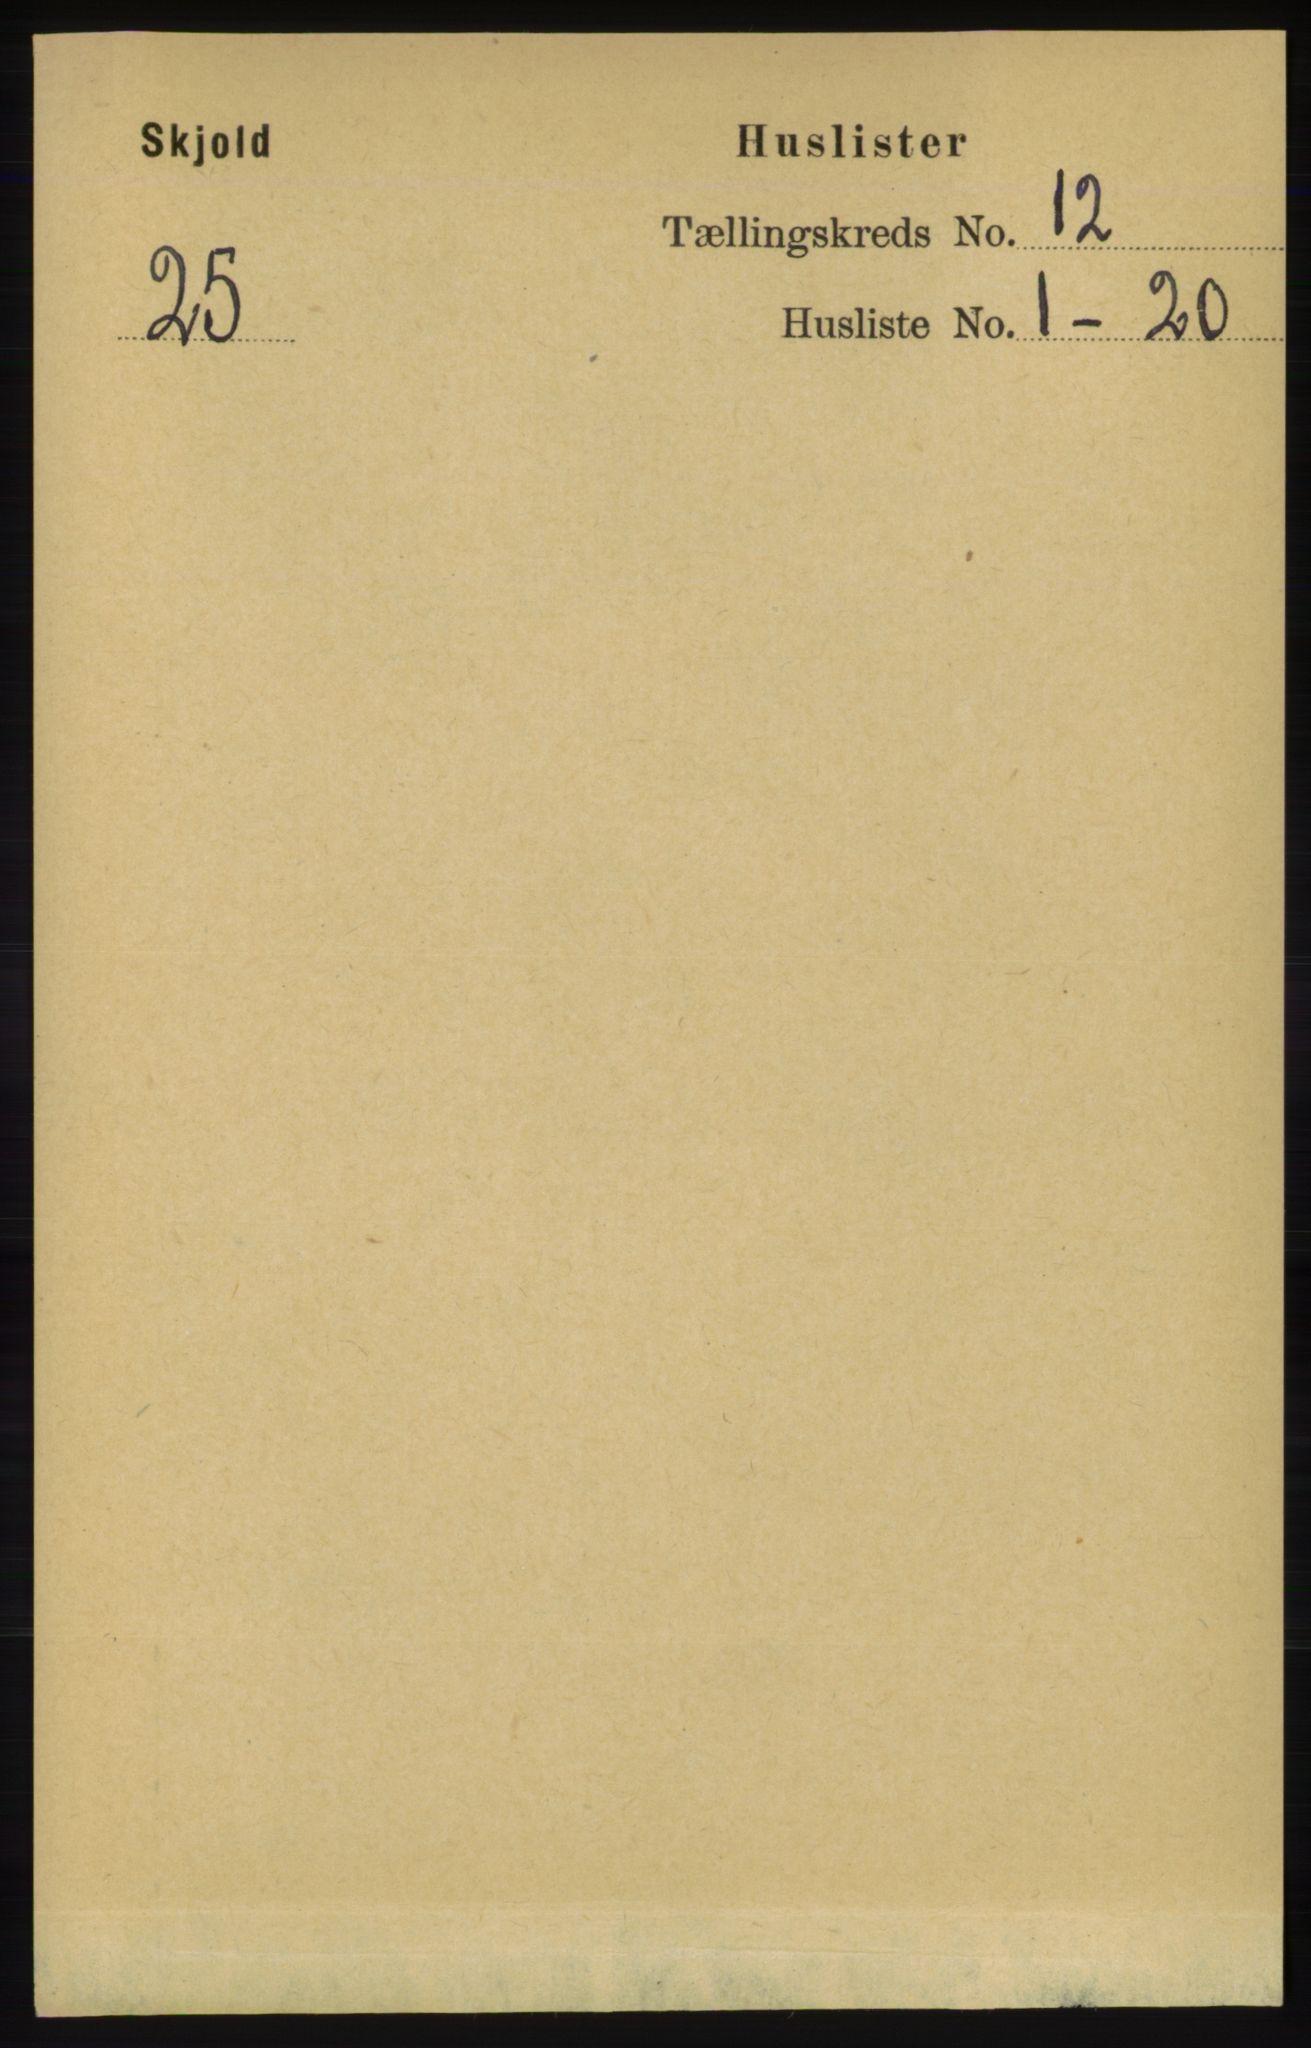 RA, Folketelling 1891 for 1154 Skjold herred, 1891, s. 2228